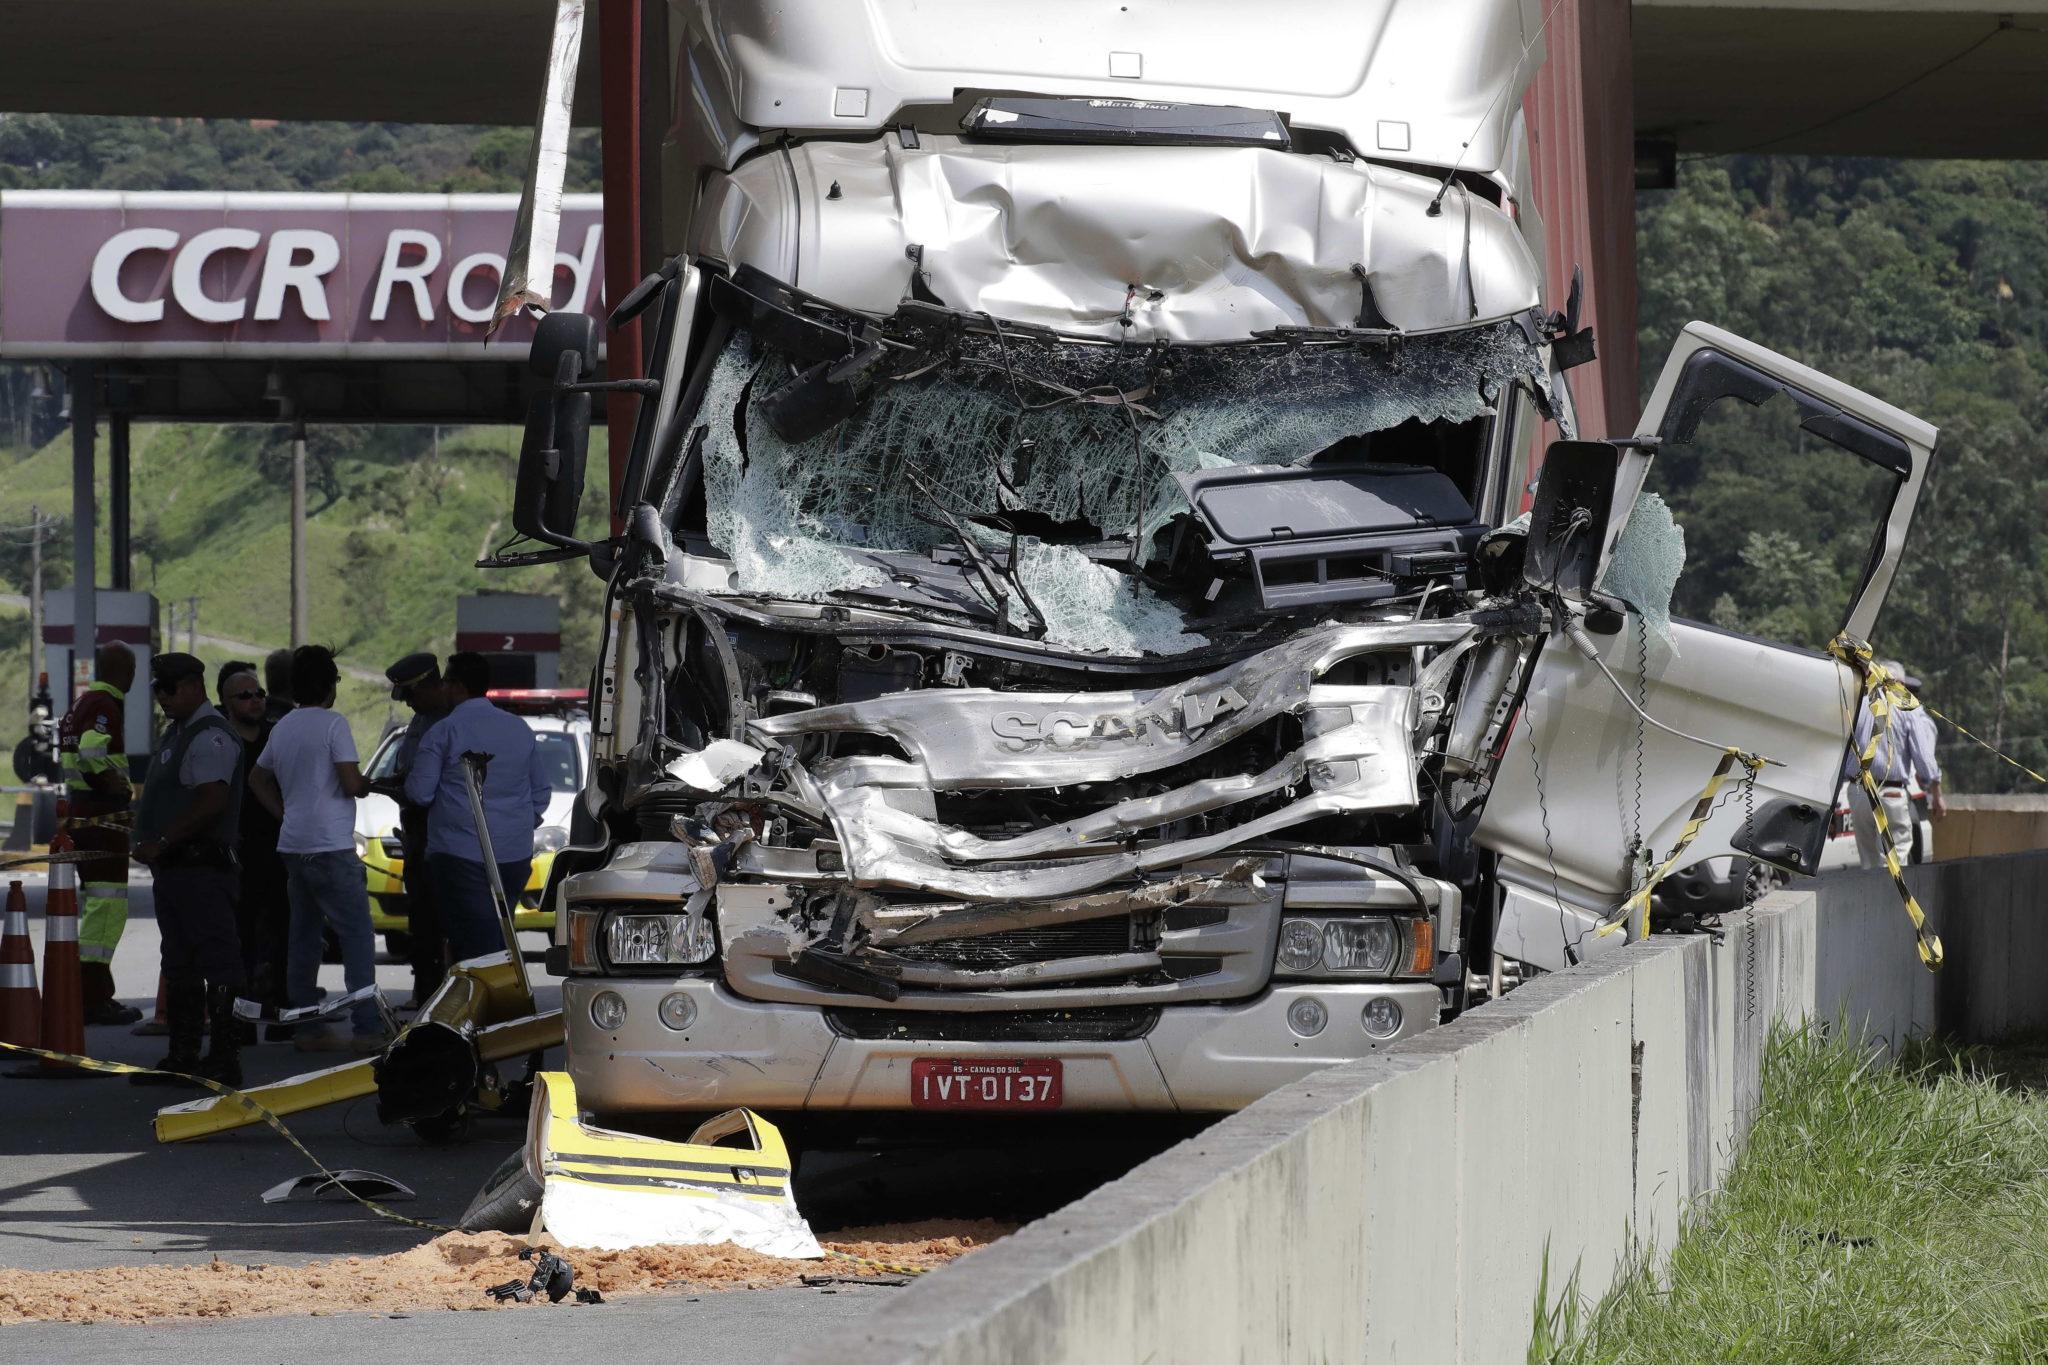 Sao Paulo, Brazylia: ciężarówka po tym, jak w autostradę uderzył helikopter. Nie żyją co najmniej 2 osoby, fot. Sebastiao Moreira, PAP/EPA.